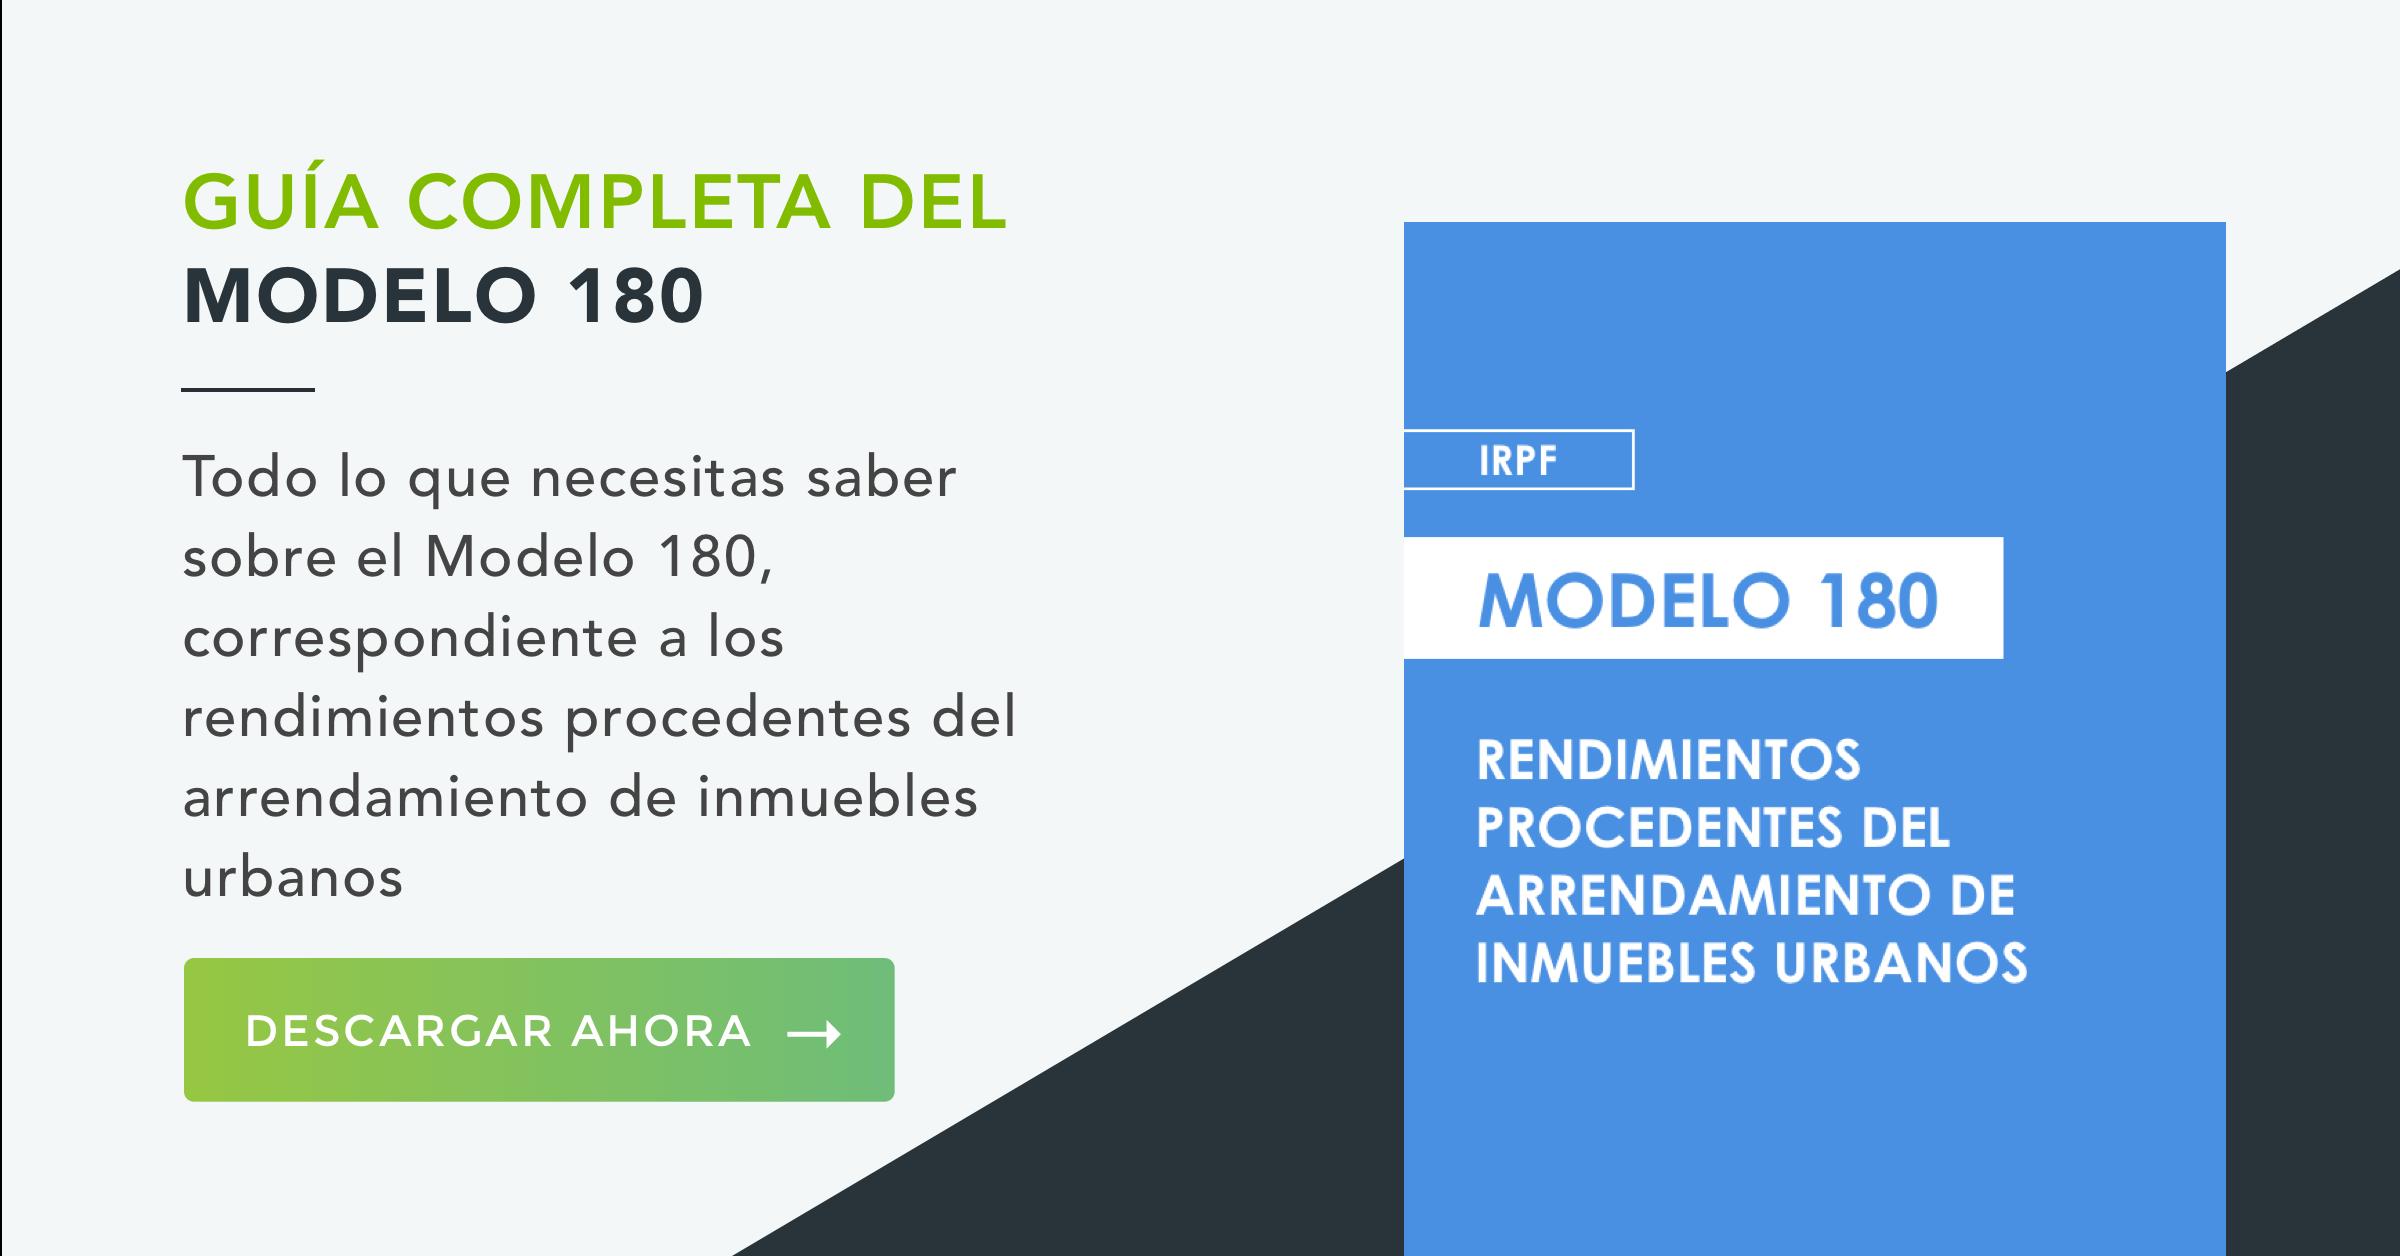 Modelo 180 IRPF